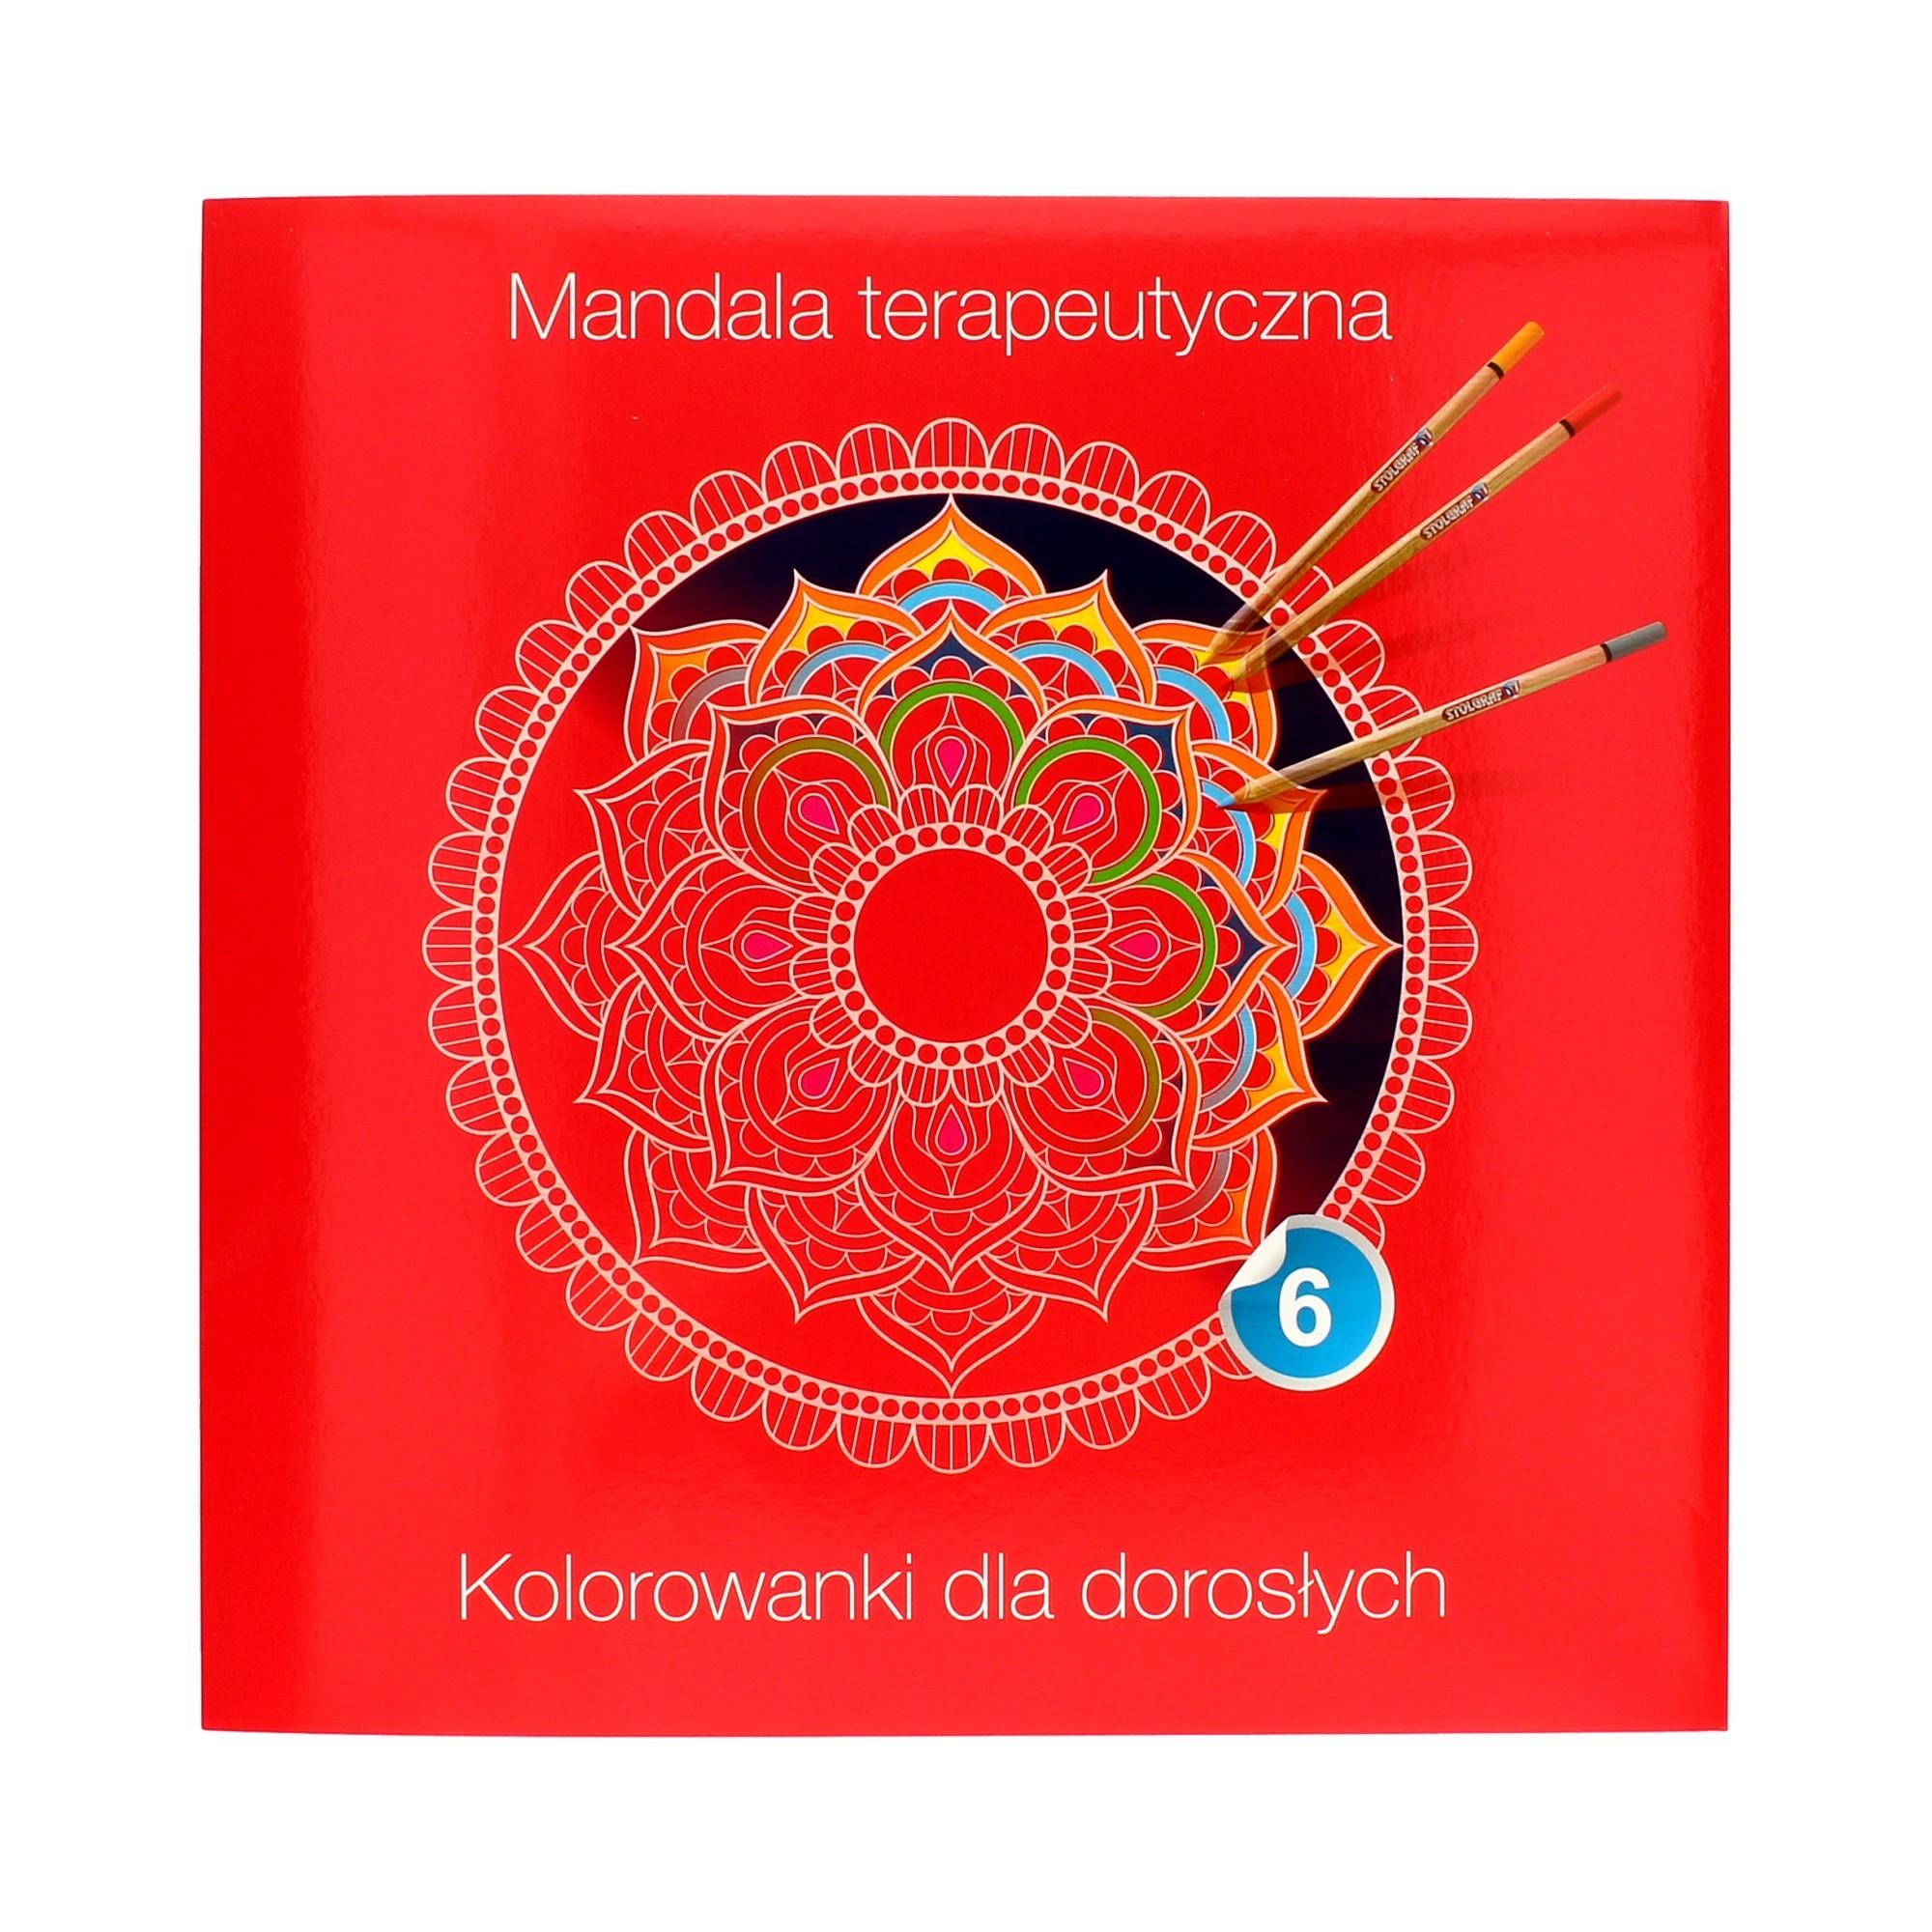 Kolorowanka terapeutyczna dla dorosłych czerwona Mandala